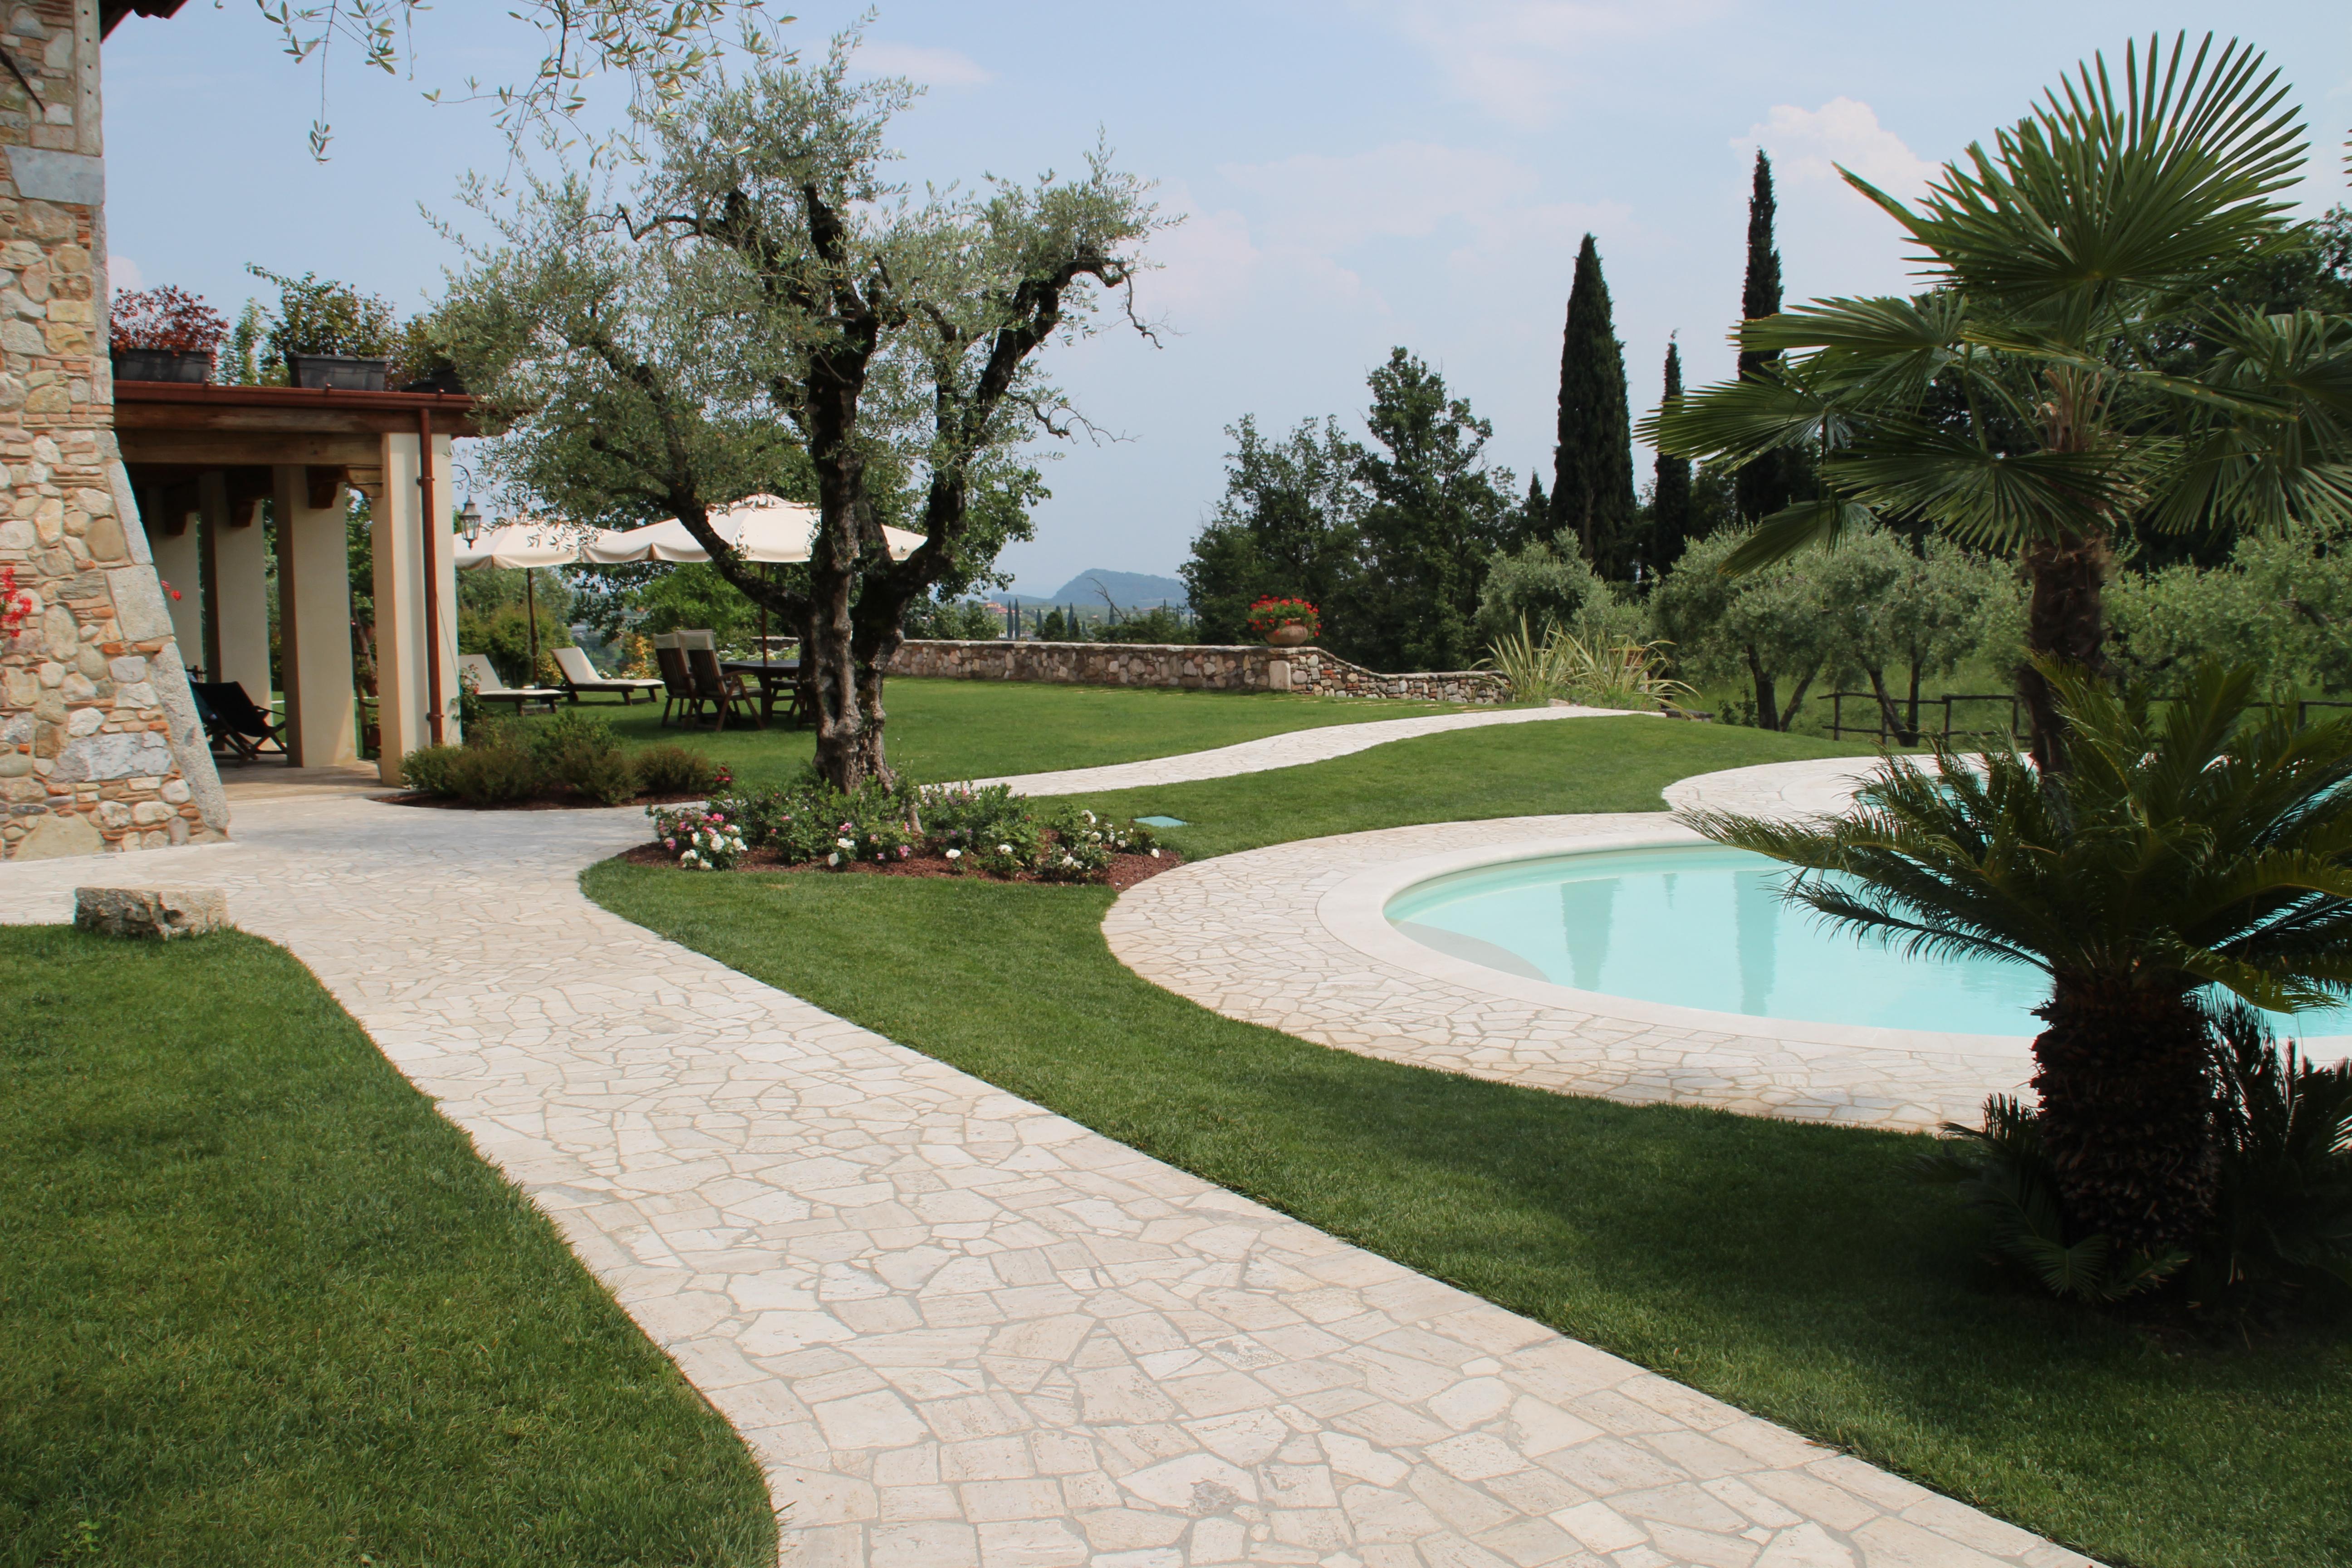 Mosaico travertino per decorare un paesaggio lacustre - Pavimentazione esterna casa di campagna ...